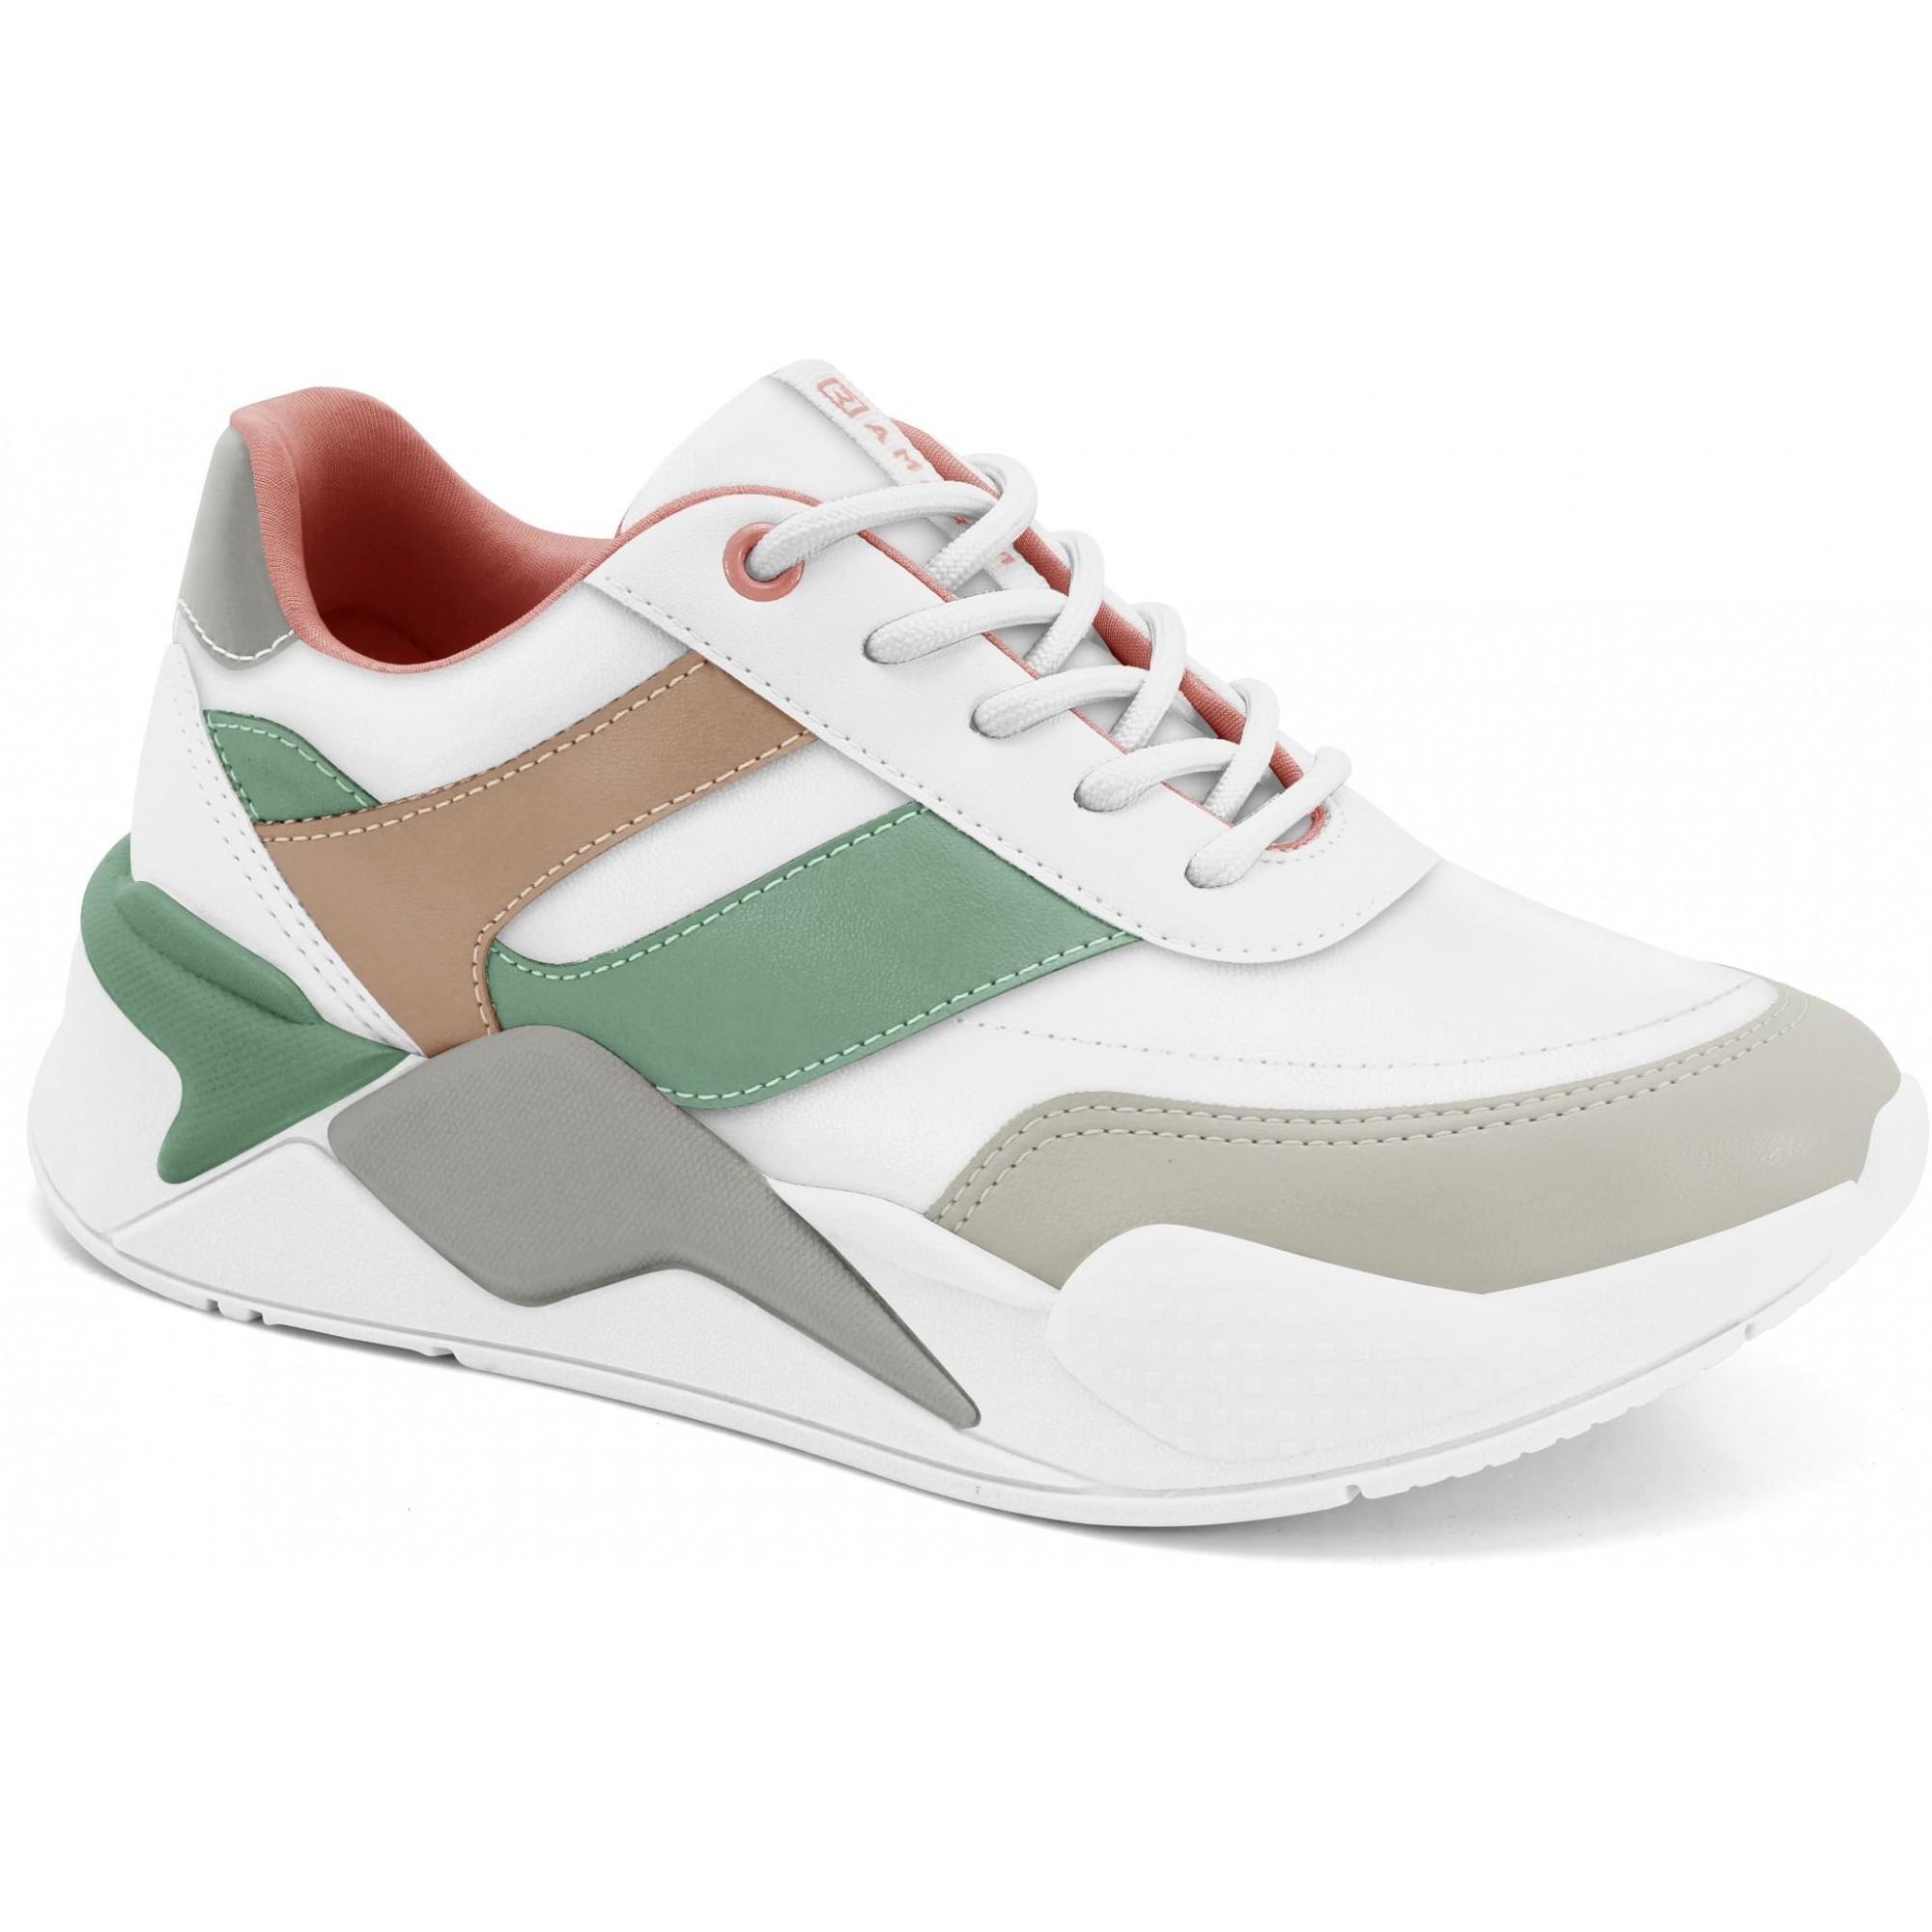 Tênis Ramarim Sneaker Feminino Branco/Salmão - 20-72203